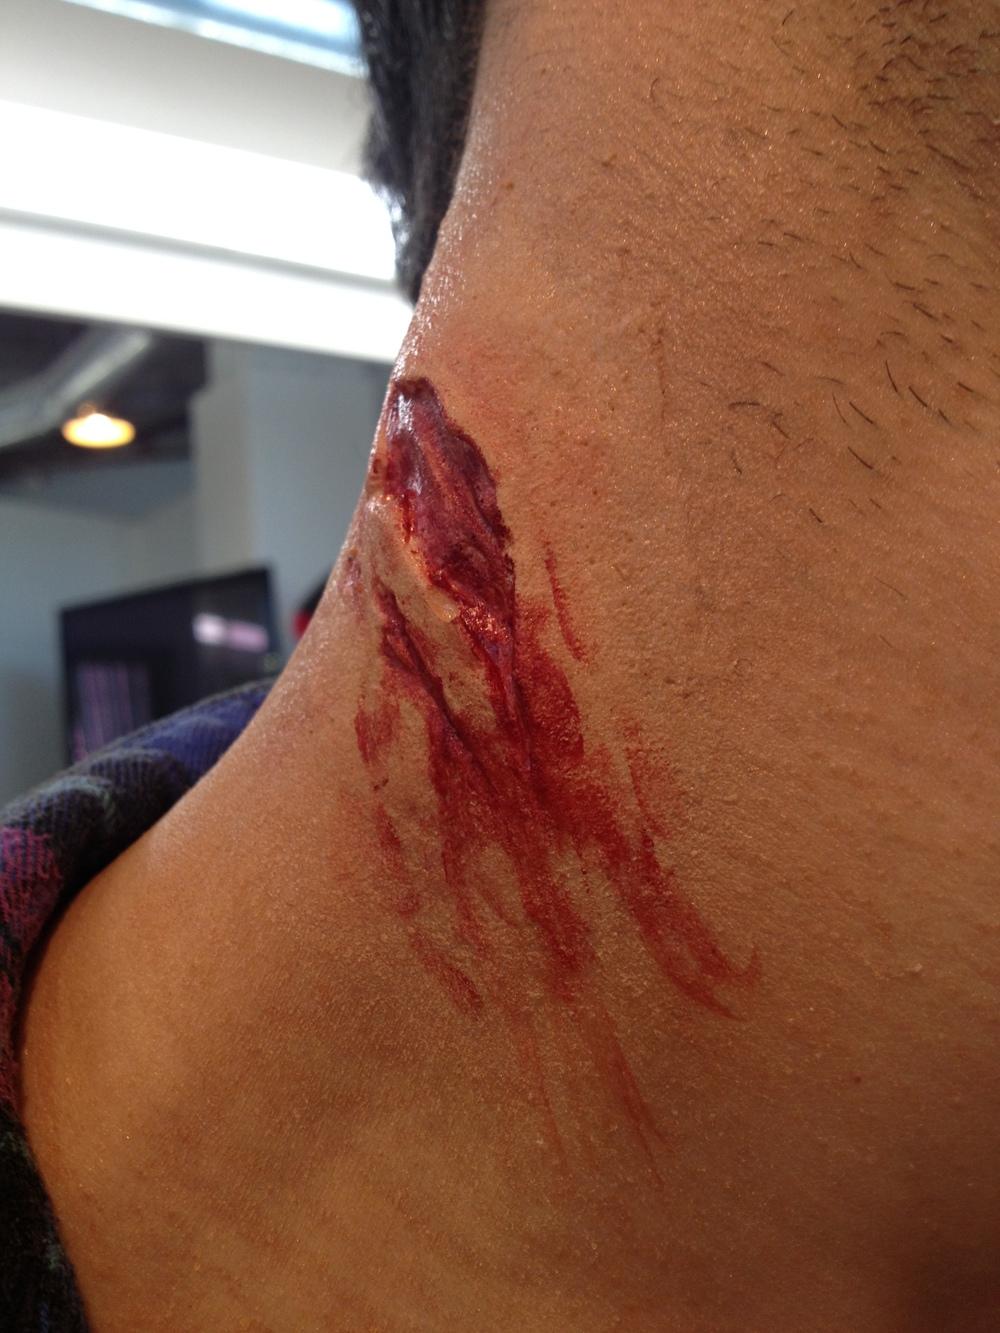 Gelatin neck wound